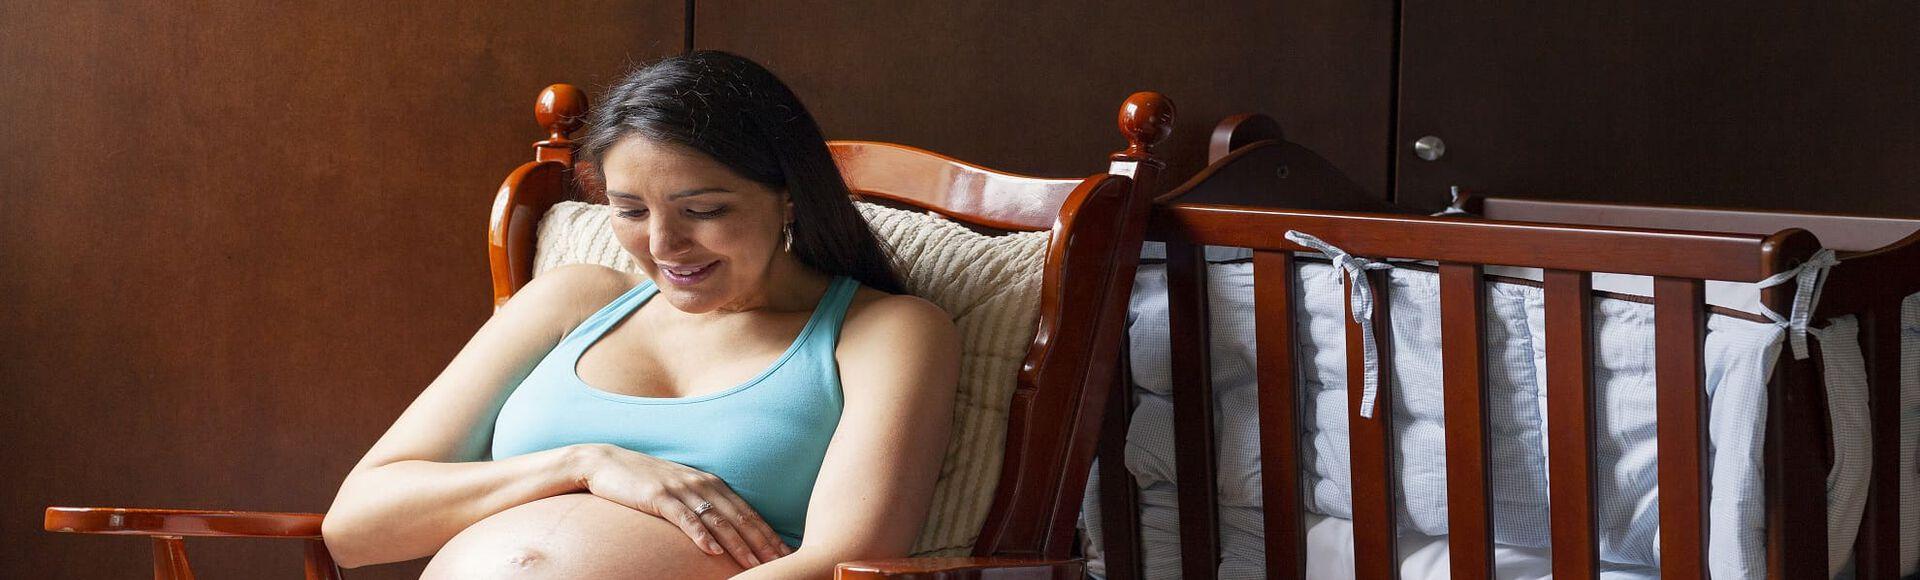 Control de emociones en el embarazo